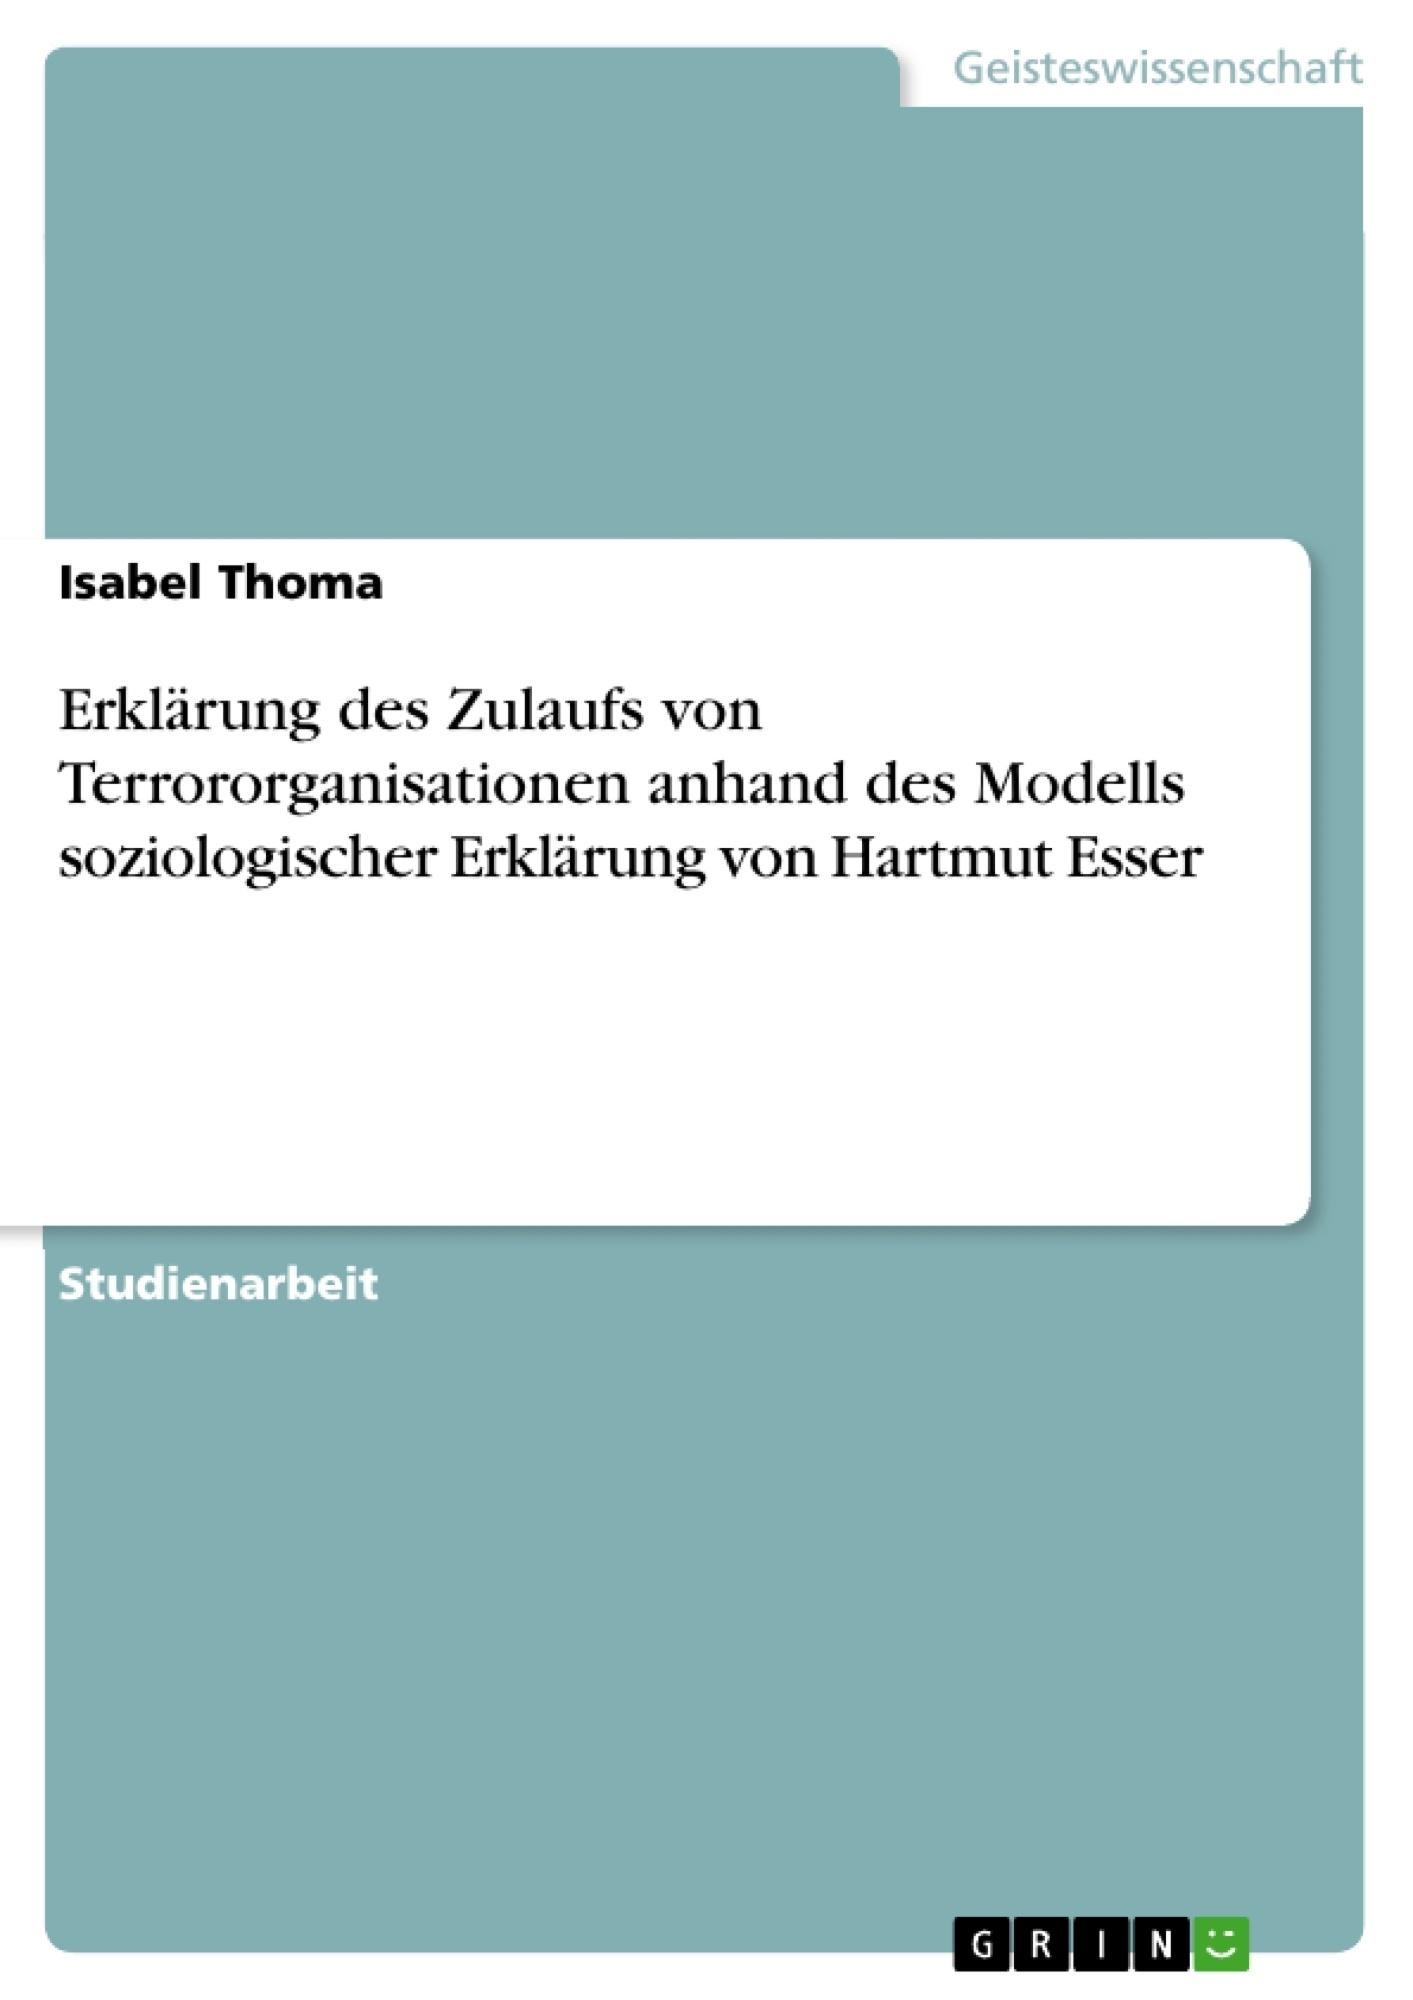 Titel: Erklärung des Zulaufs von Terrororganisationen anhand des Modells soziologischer Erklärung von Hartmut Esser